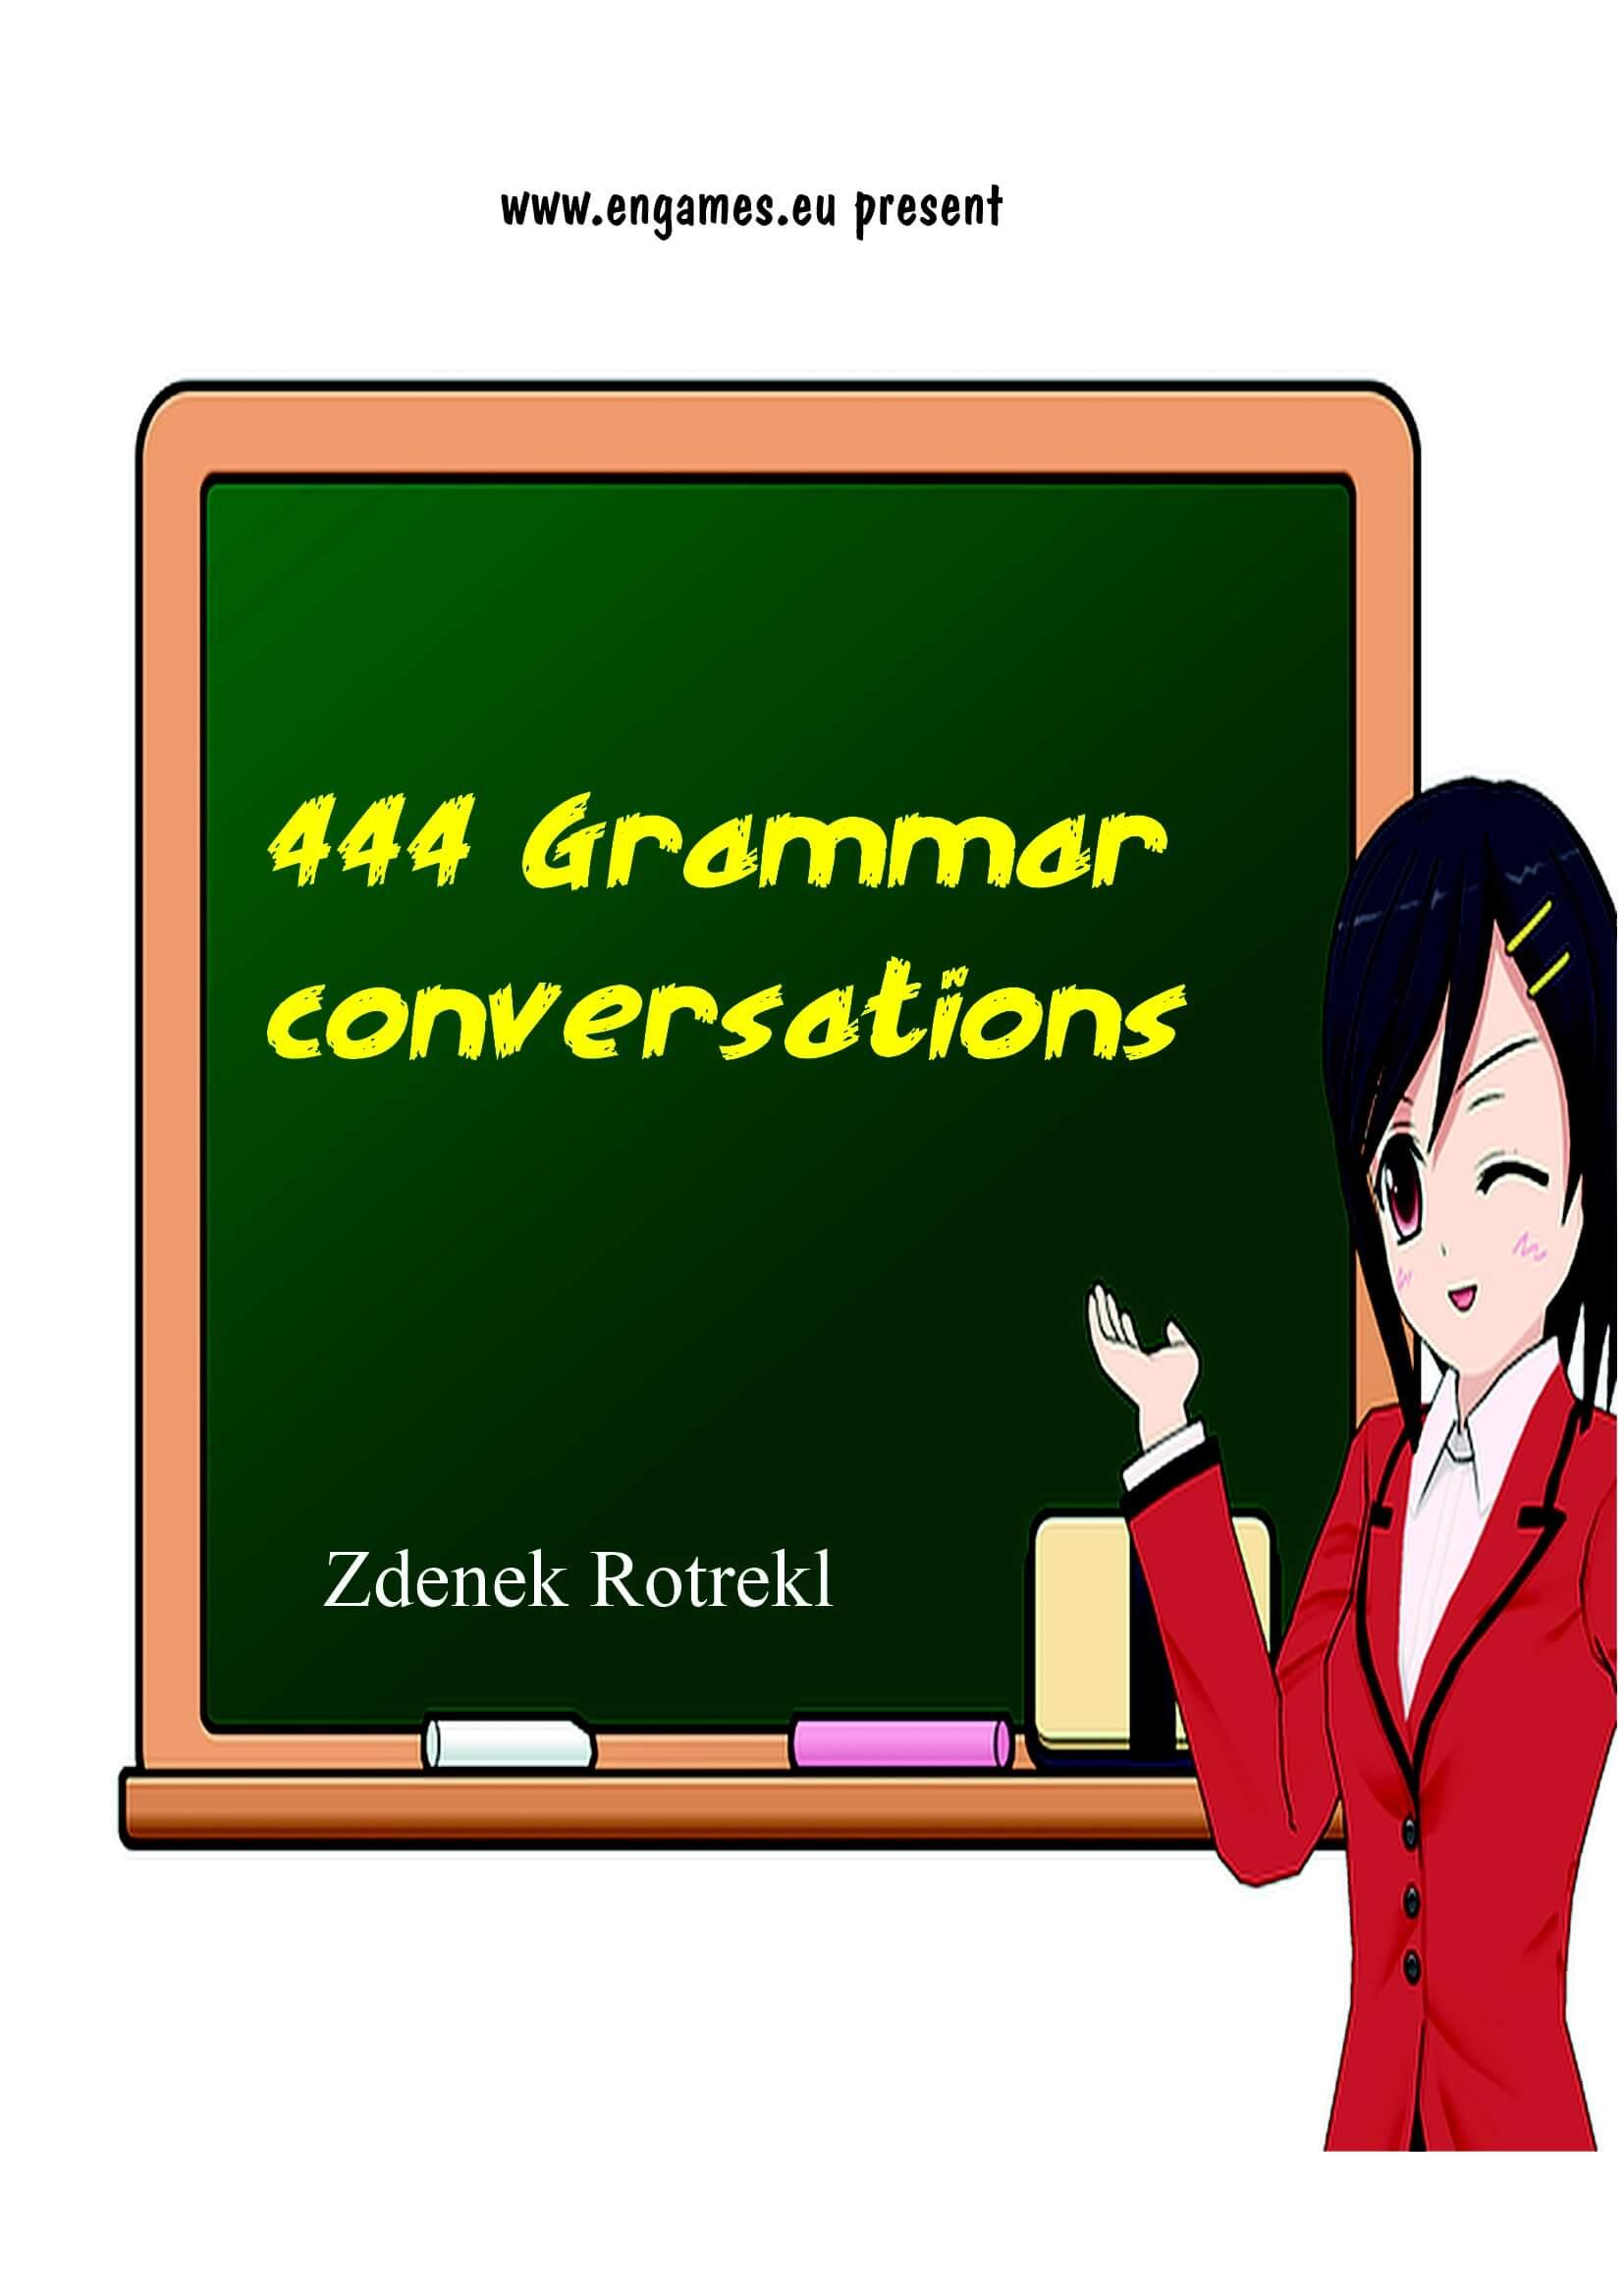 444 grammar conversations cover